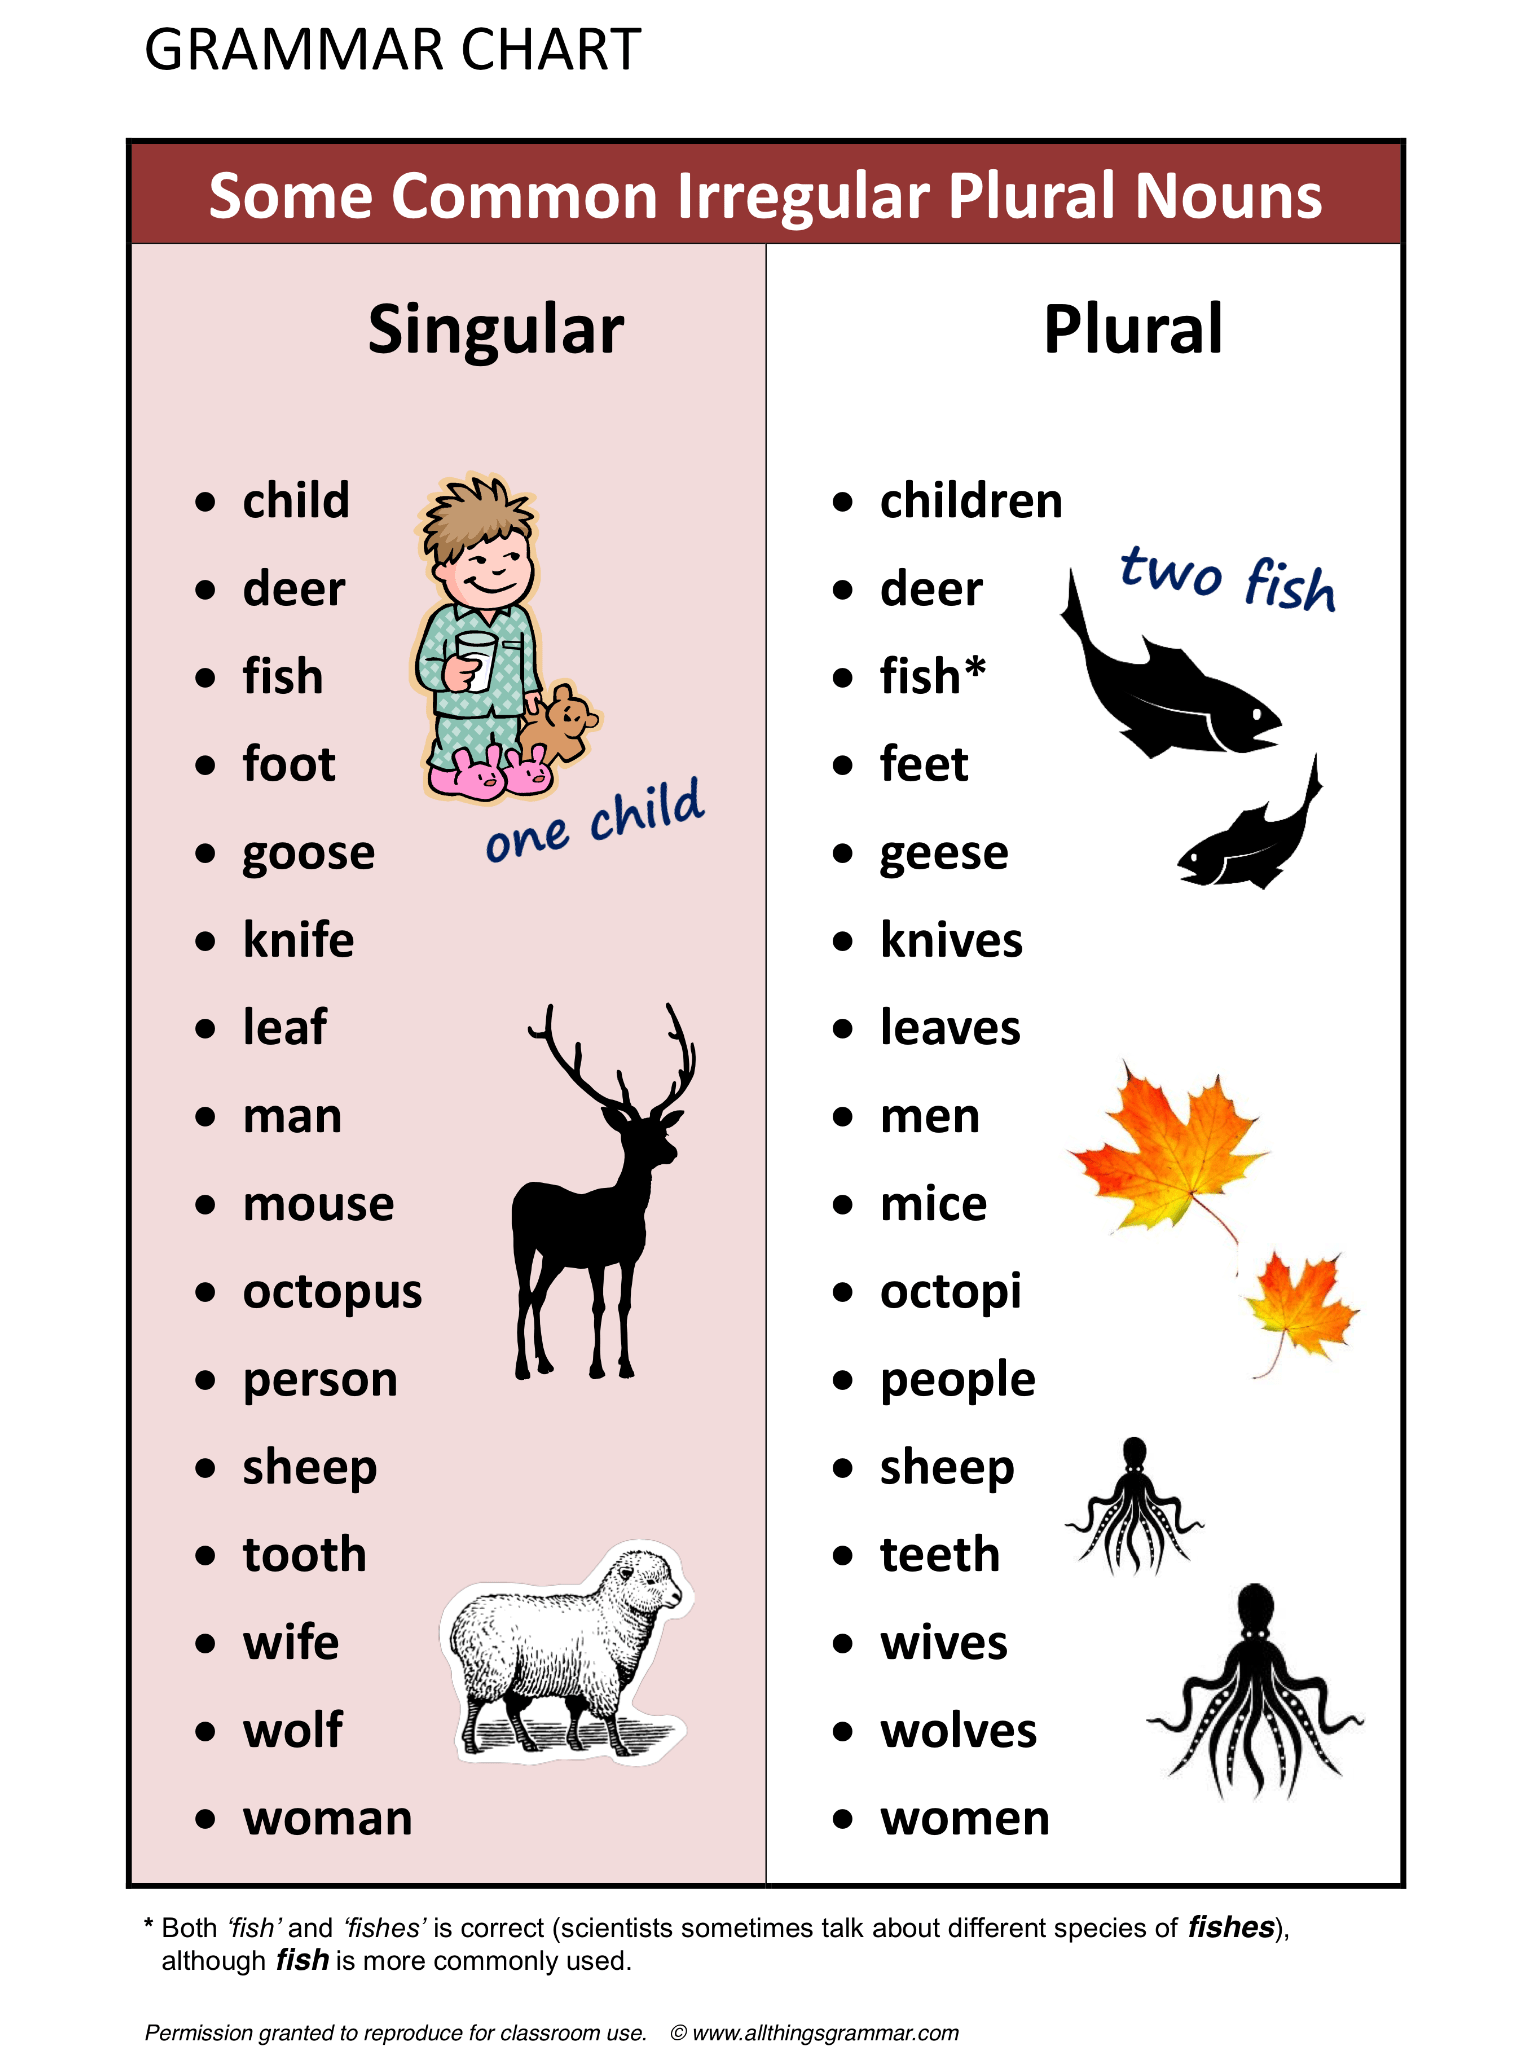 English Grammar Some Common Irregular Plural Nouns Lthingsgrammar Plural Singular